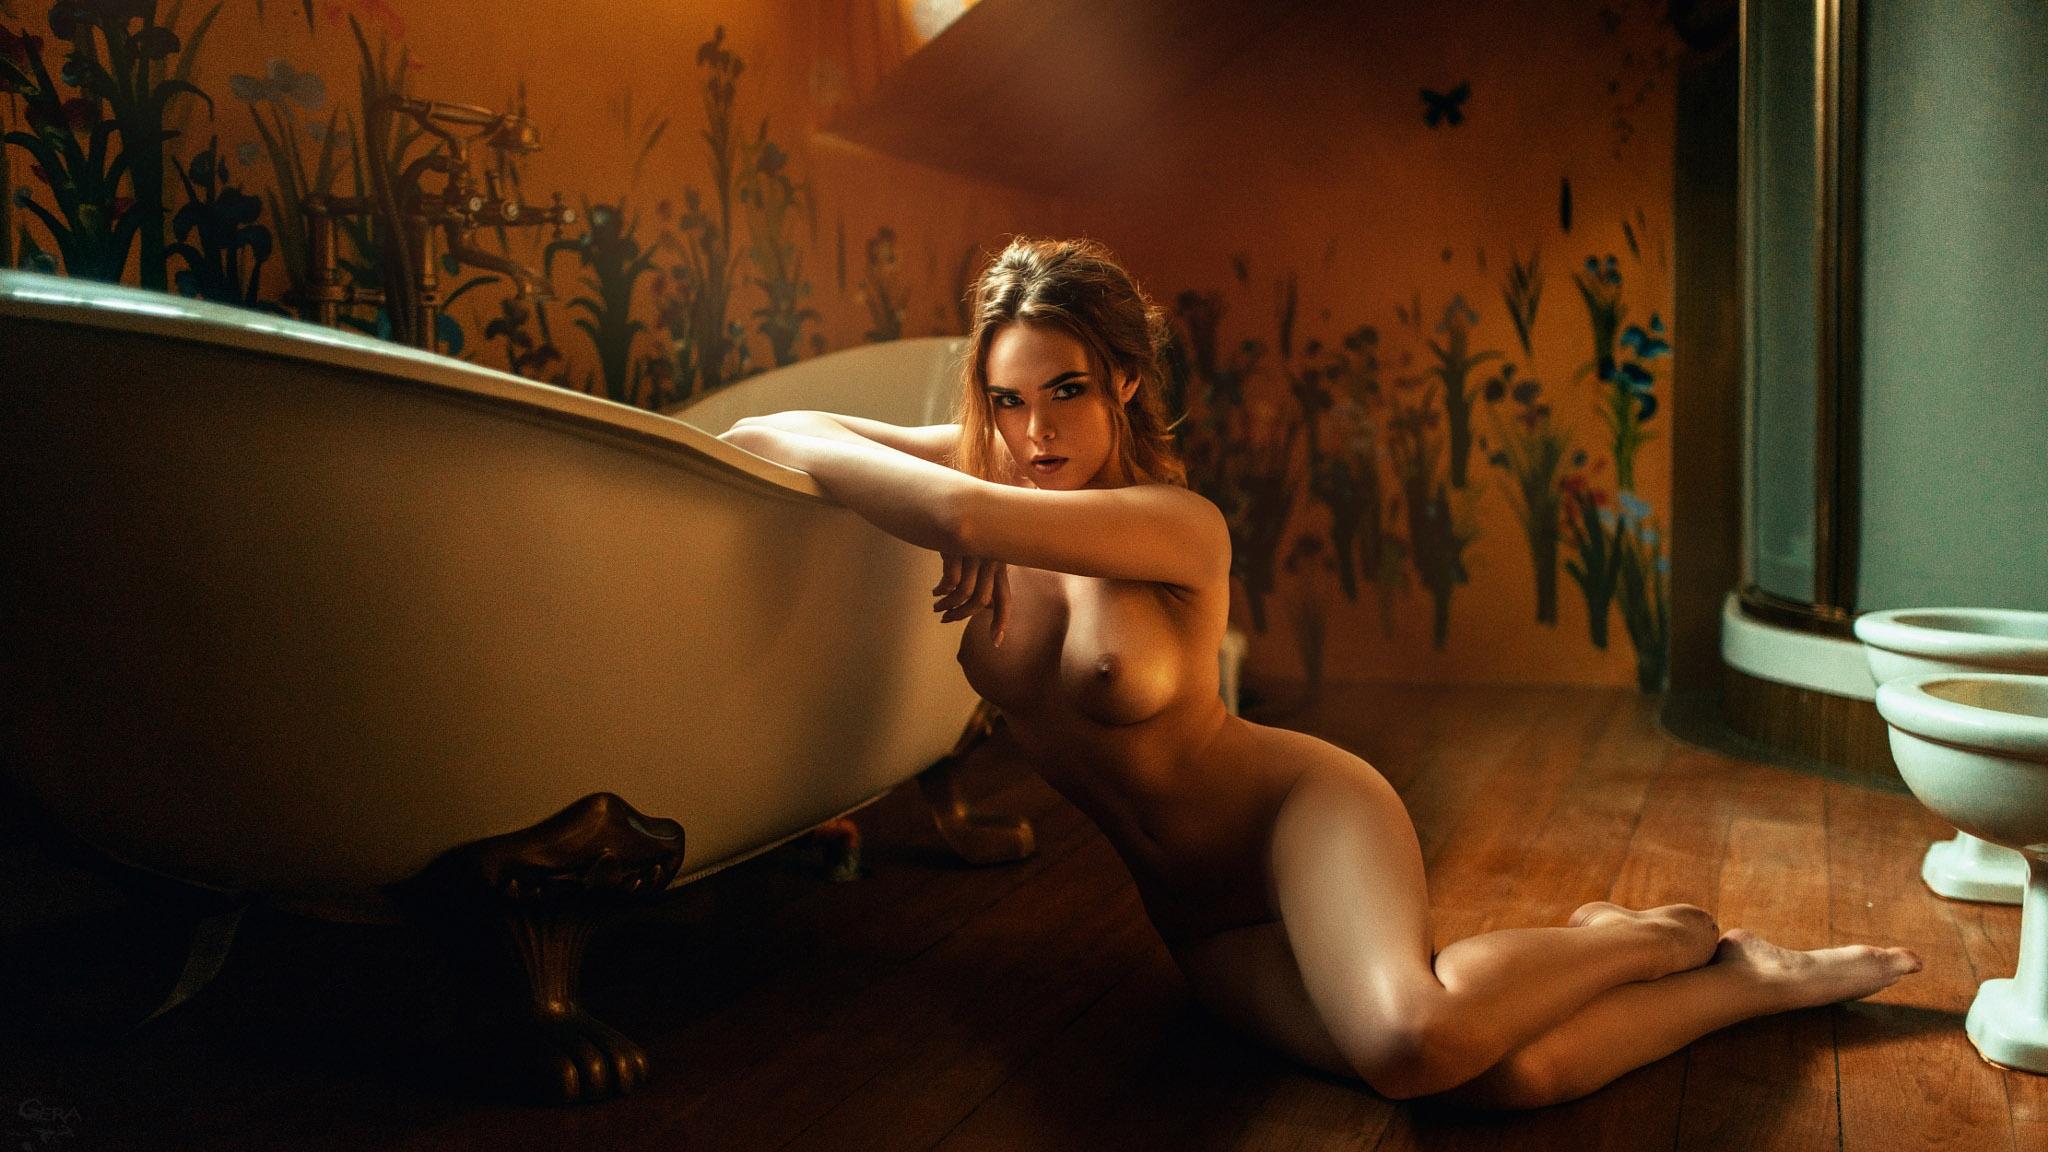 видео девушки соло художественная эротика исключено